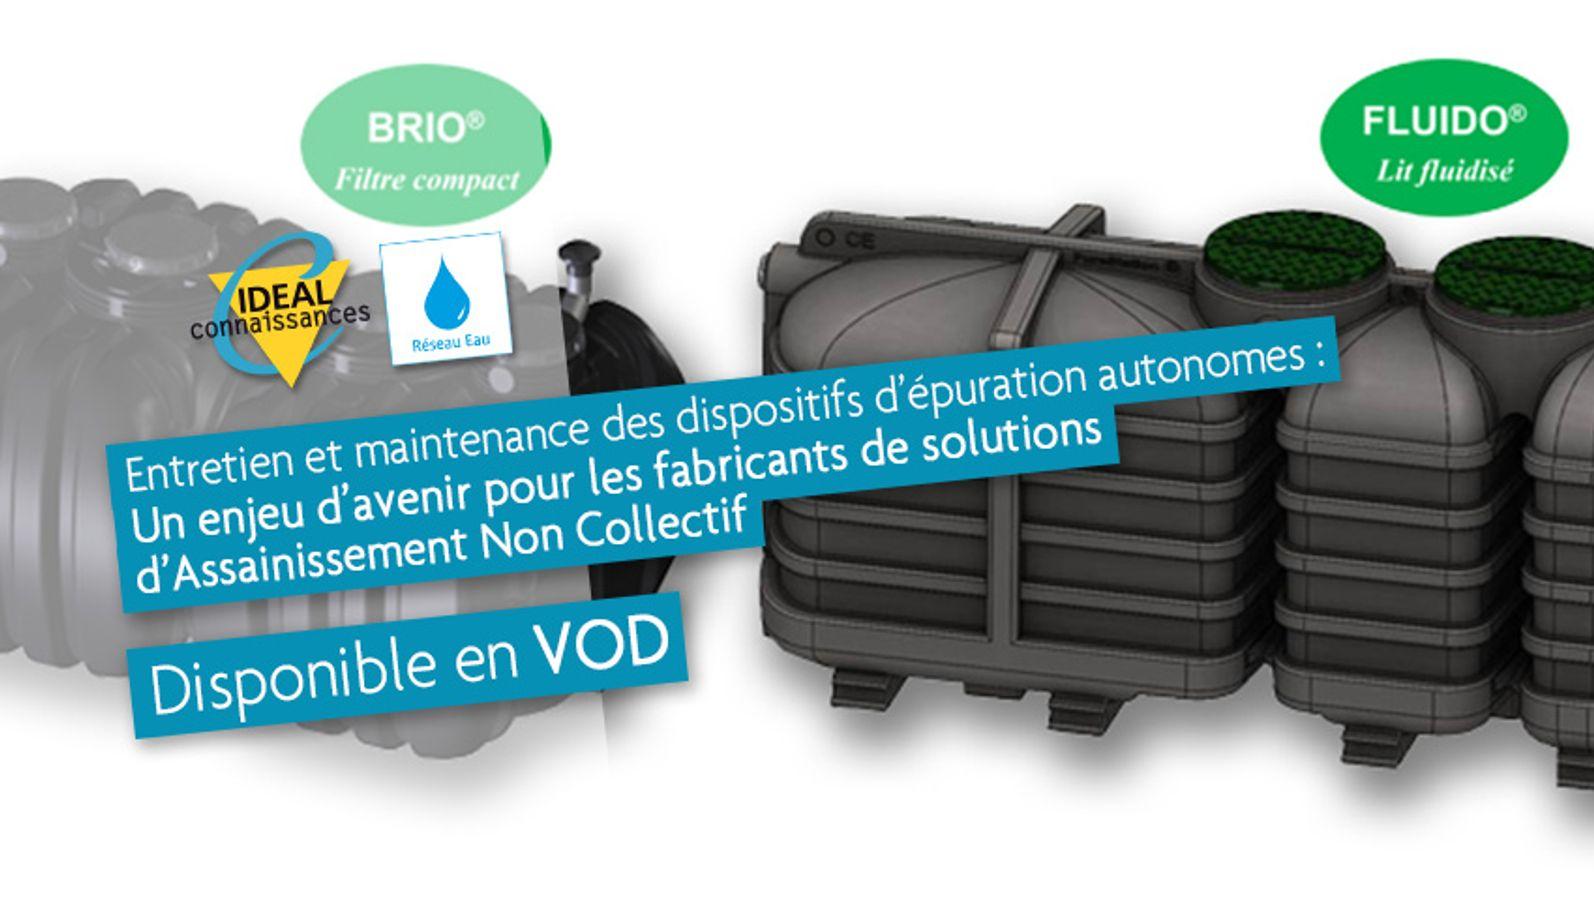 Entretien et maintenance des dispositifs d'épuration autonomes : Un enjeu d'avenir pour les fabricants de solutions d'Assainissement Non Collectif